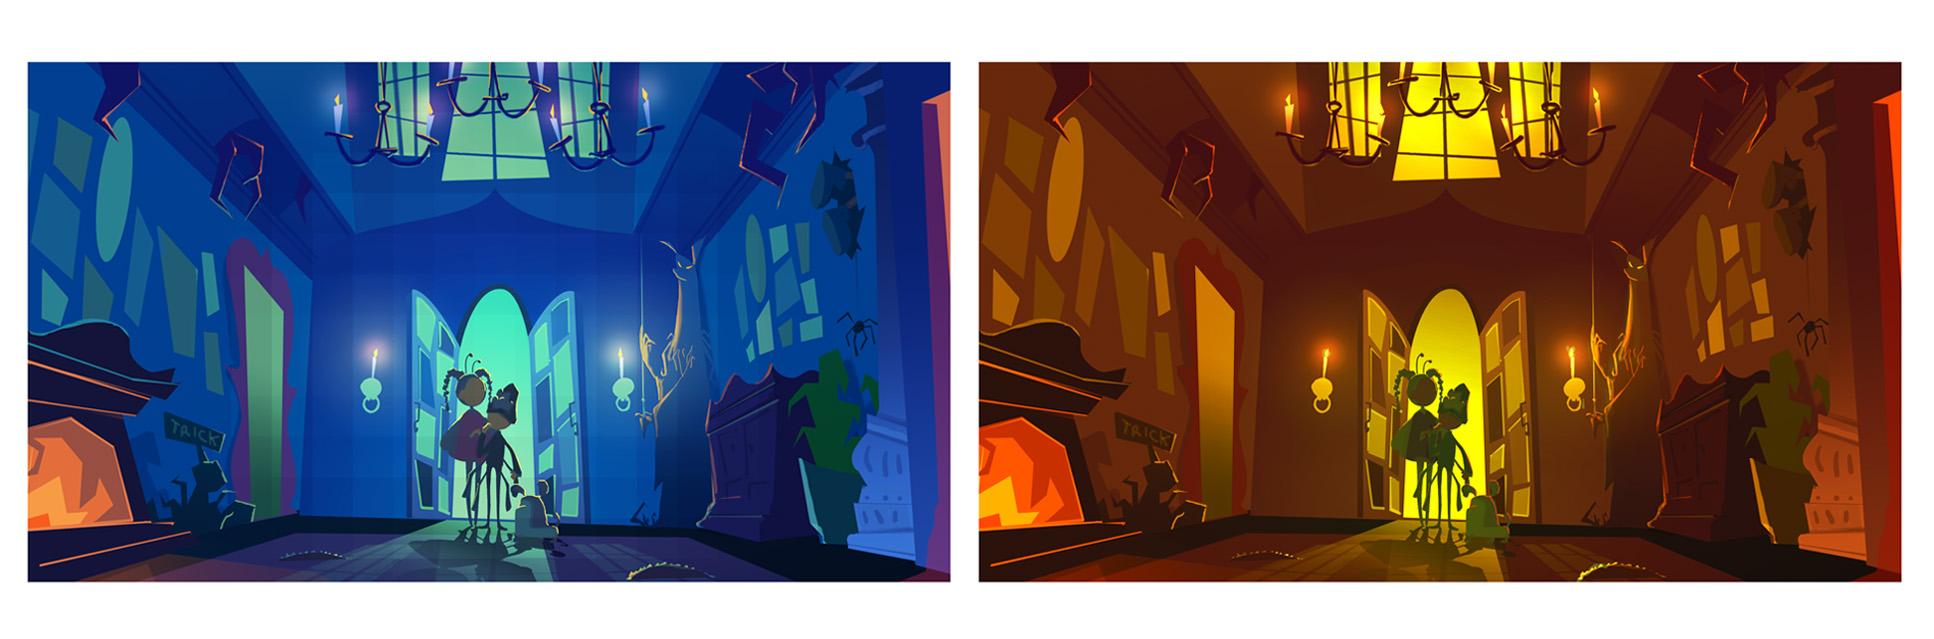 Interior Color Explorations